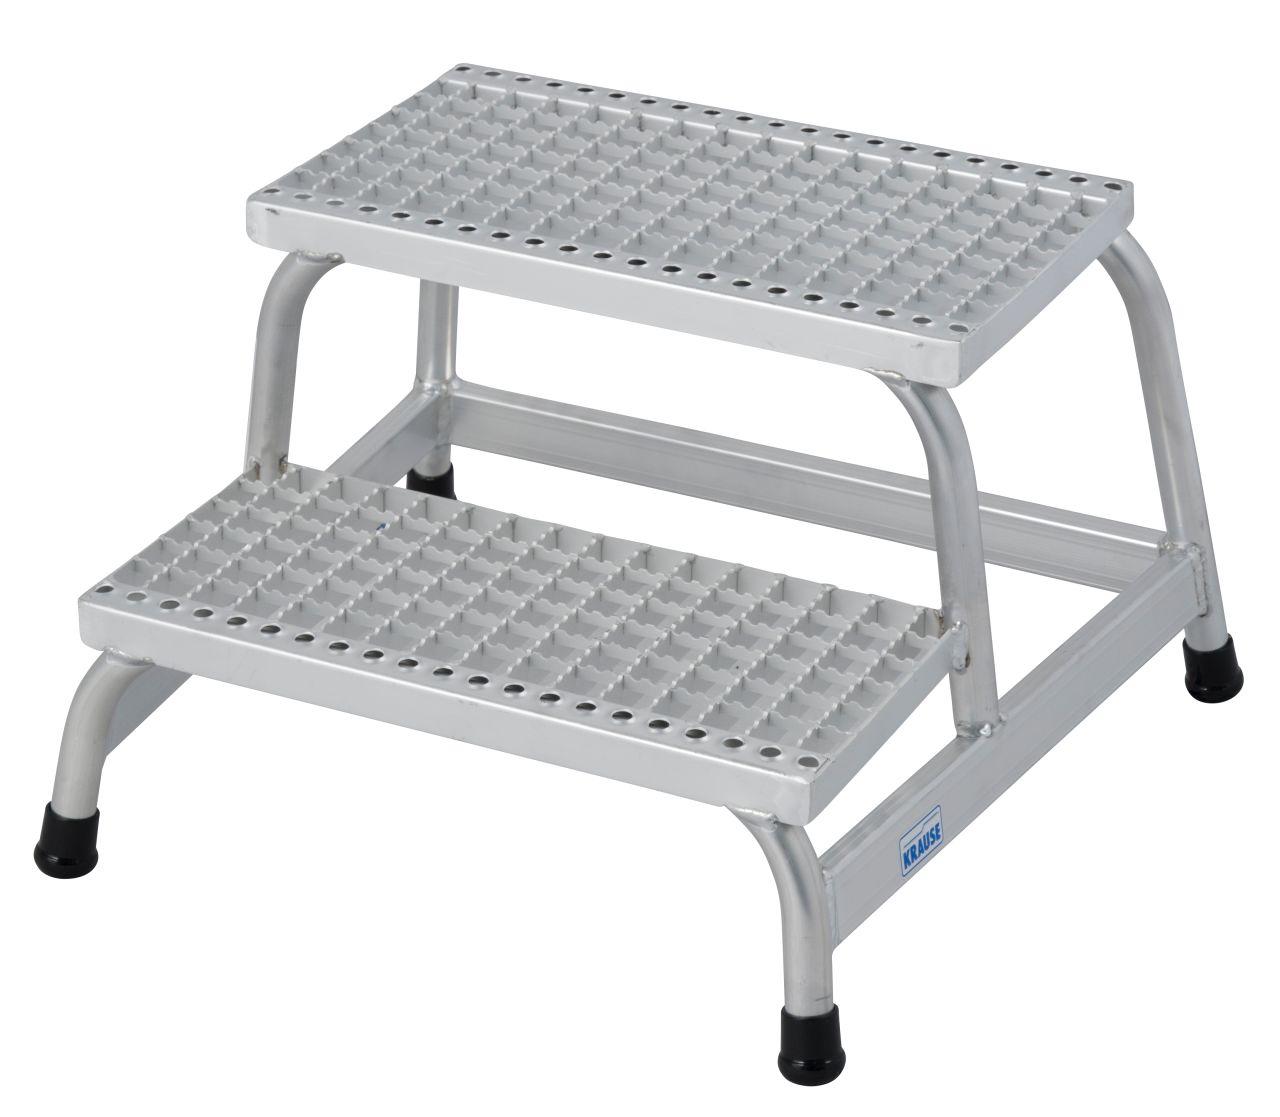 Монтажная подставка с решетчатыми ступенями. Великолепно подходит для производств, связанных с повышенным риском появления влаги или масел на рабочих поверхностях